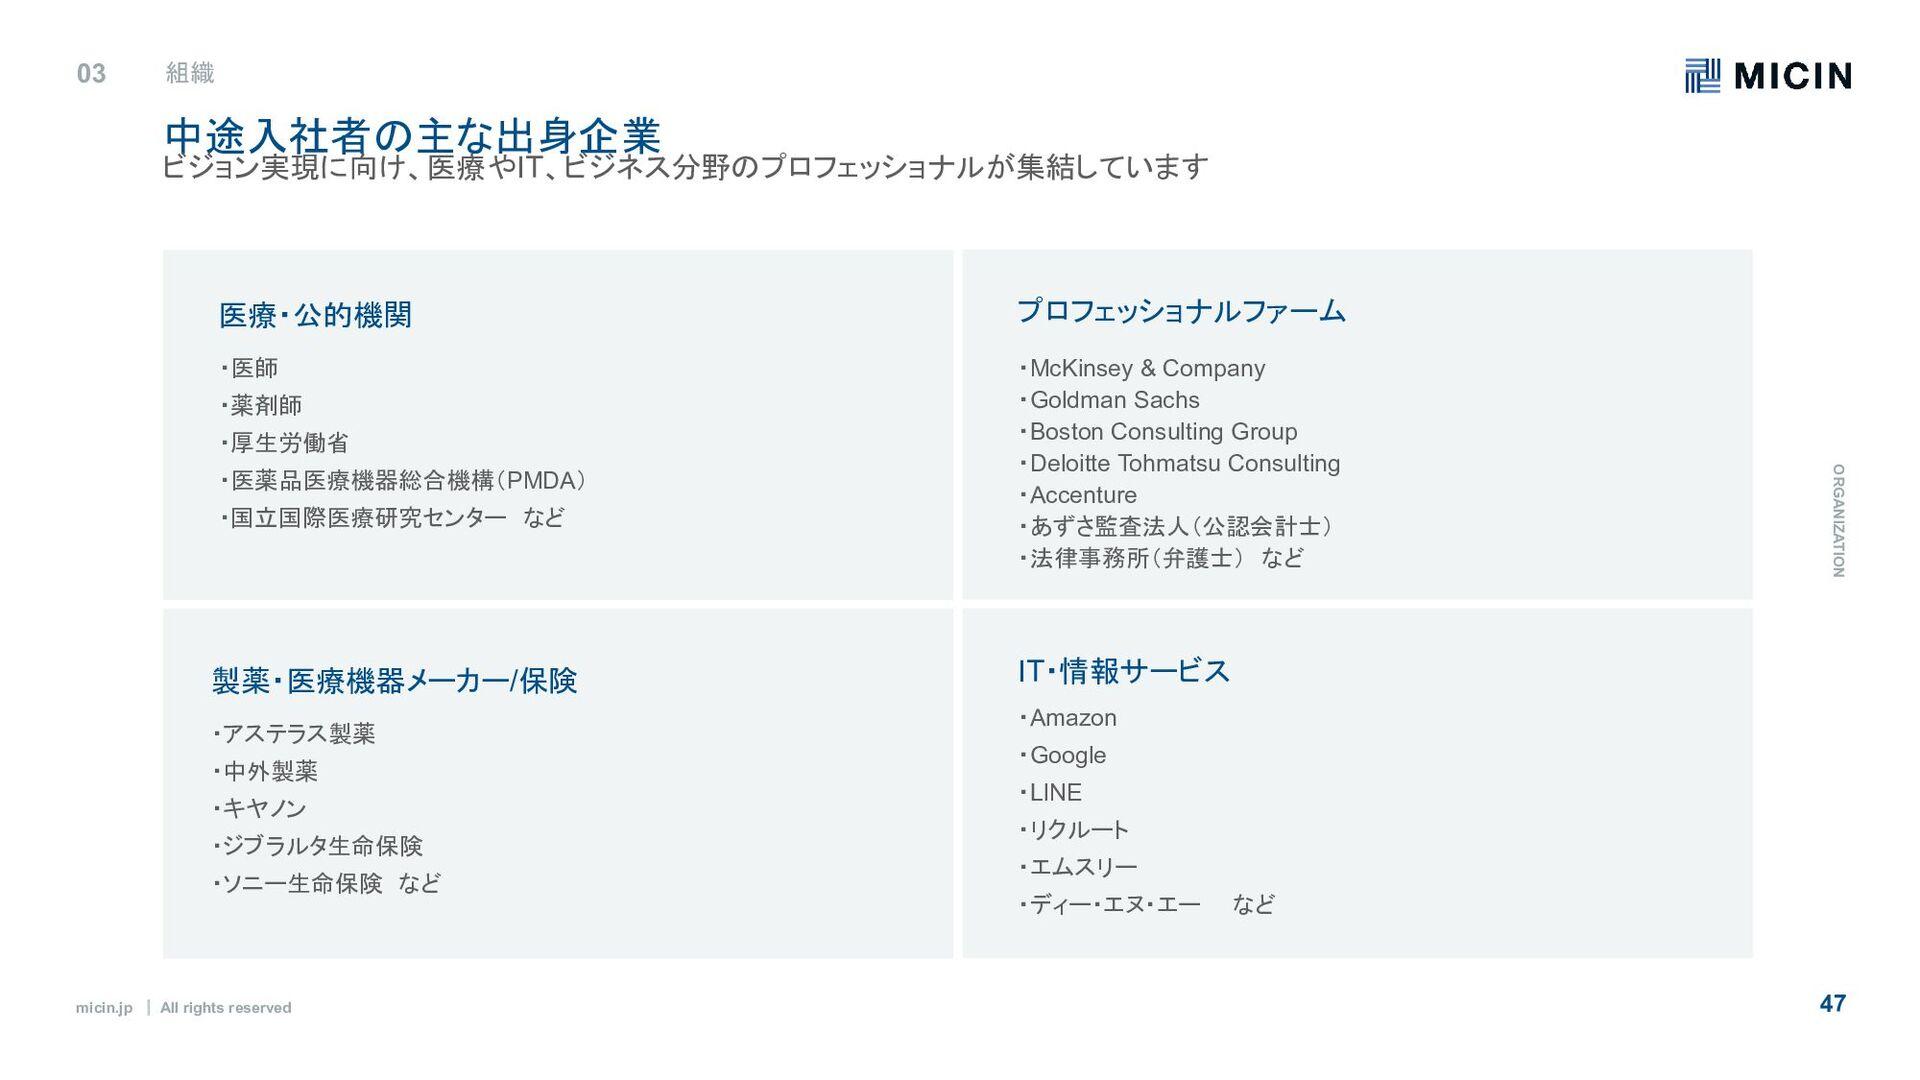 micin.jp ʛ All rights reserved 47 ૬ޓཧղɾίϛϡχέʔγϣ...